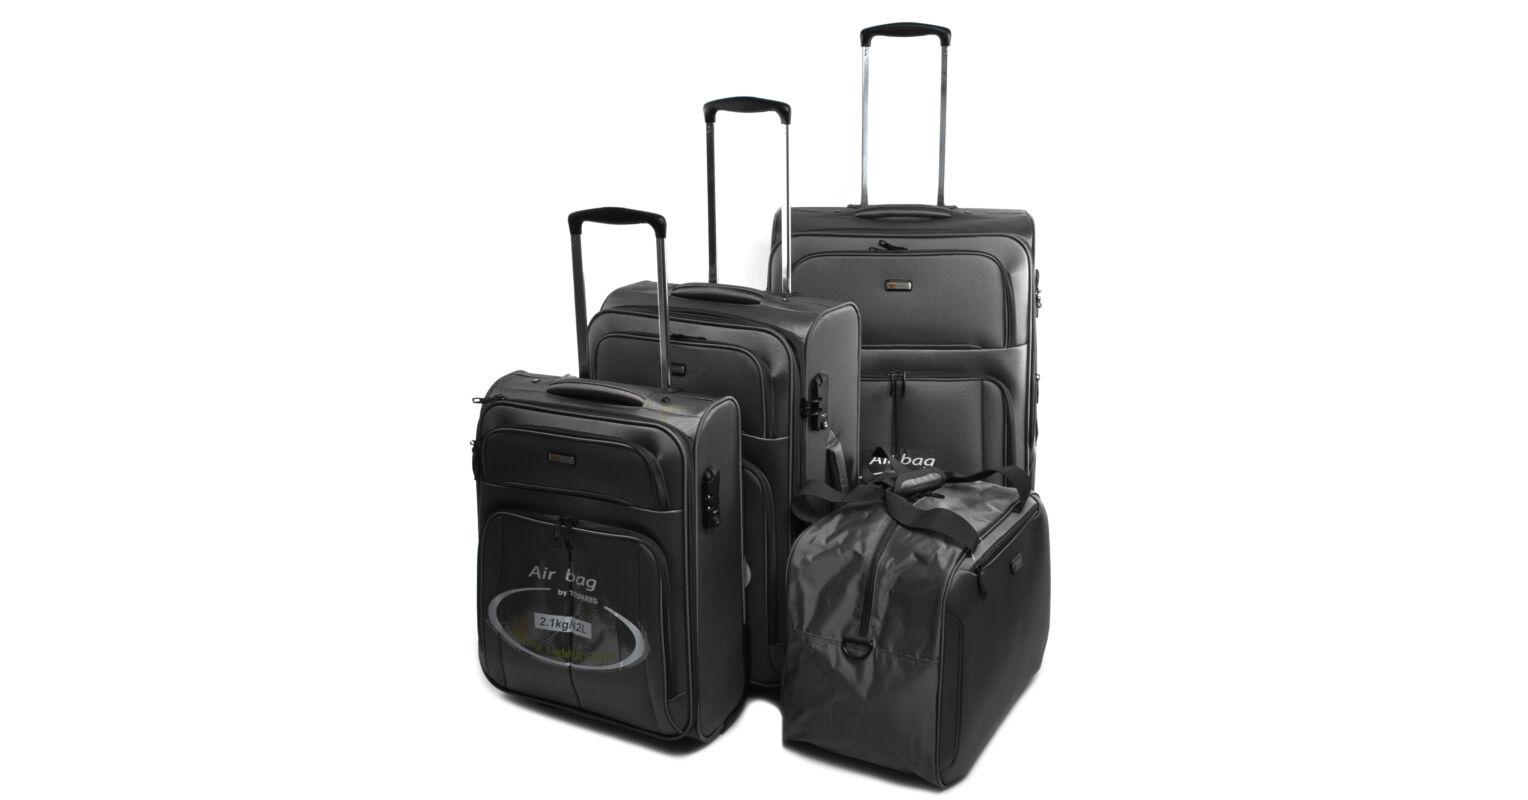 a4f13e81c094 Touareg Fekete Bőrönd Szett - Touareg - Táska webáruház - Minőségi táskák  mindenkinek